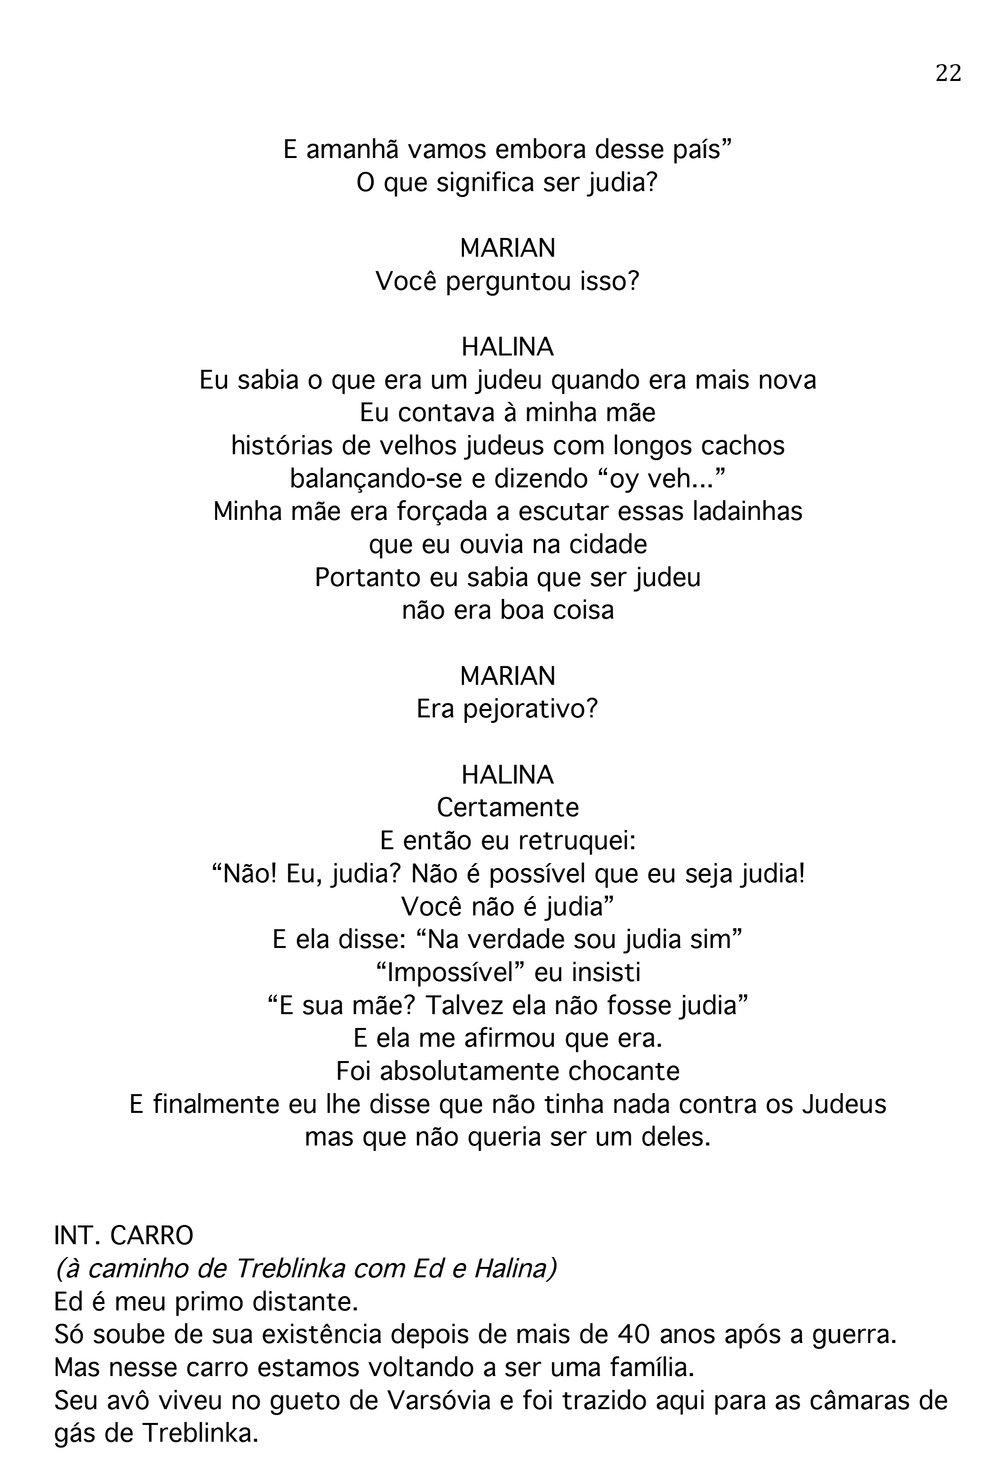 PORTUGUESE-SCRIPT-22.jpg